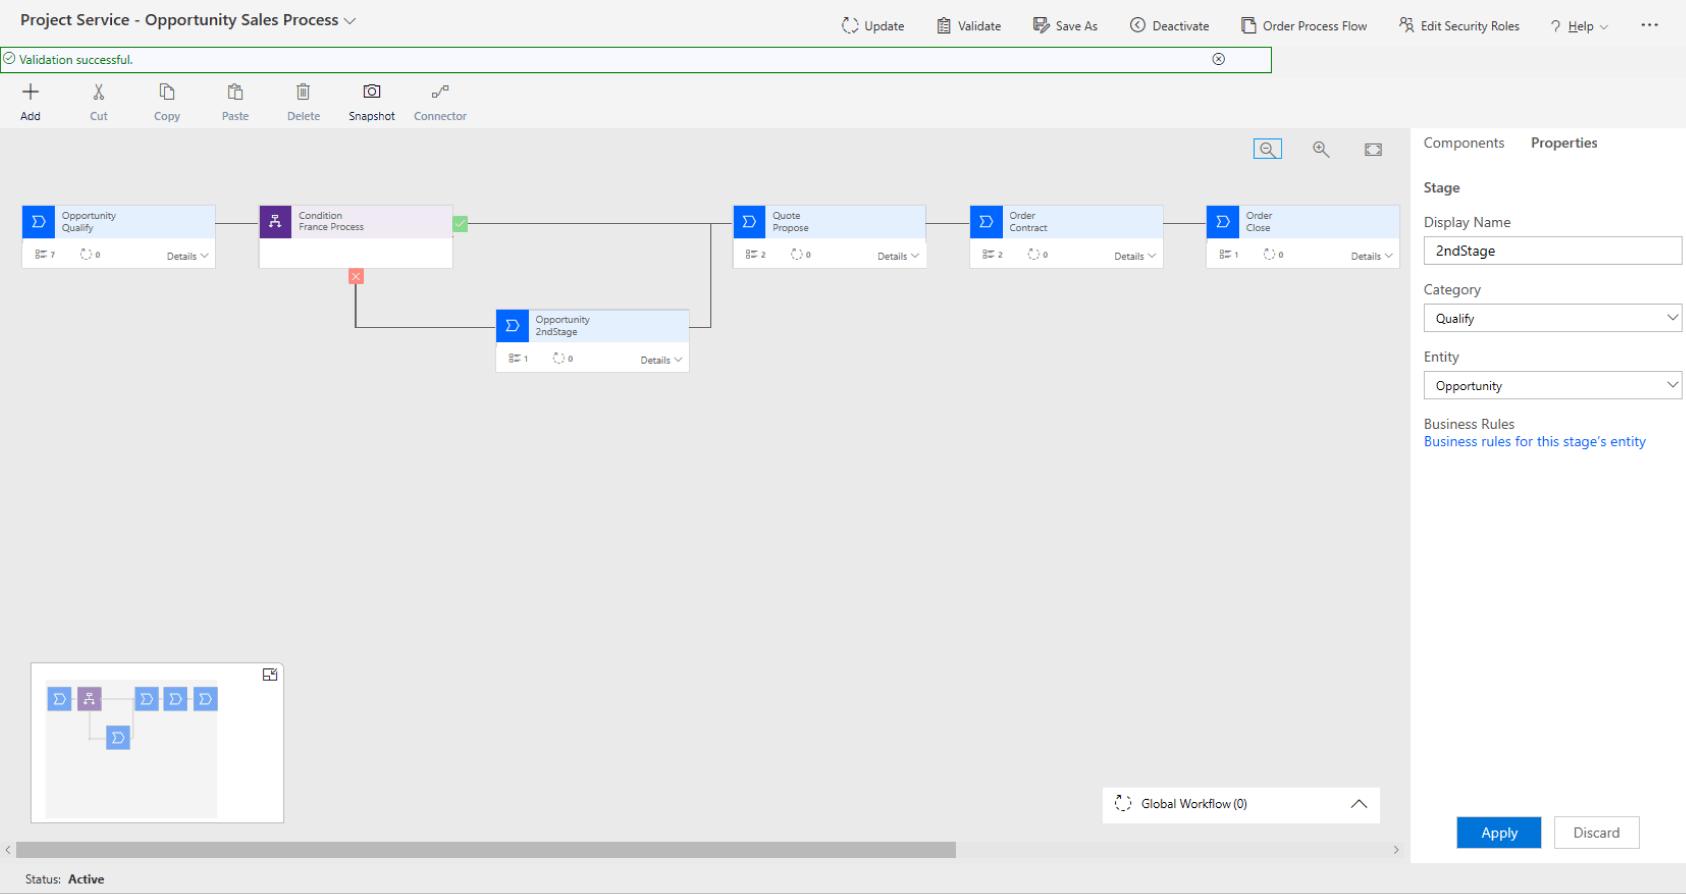 Dynamics 365 Project Service Platform